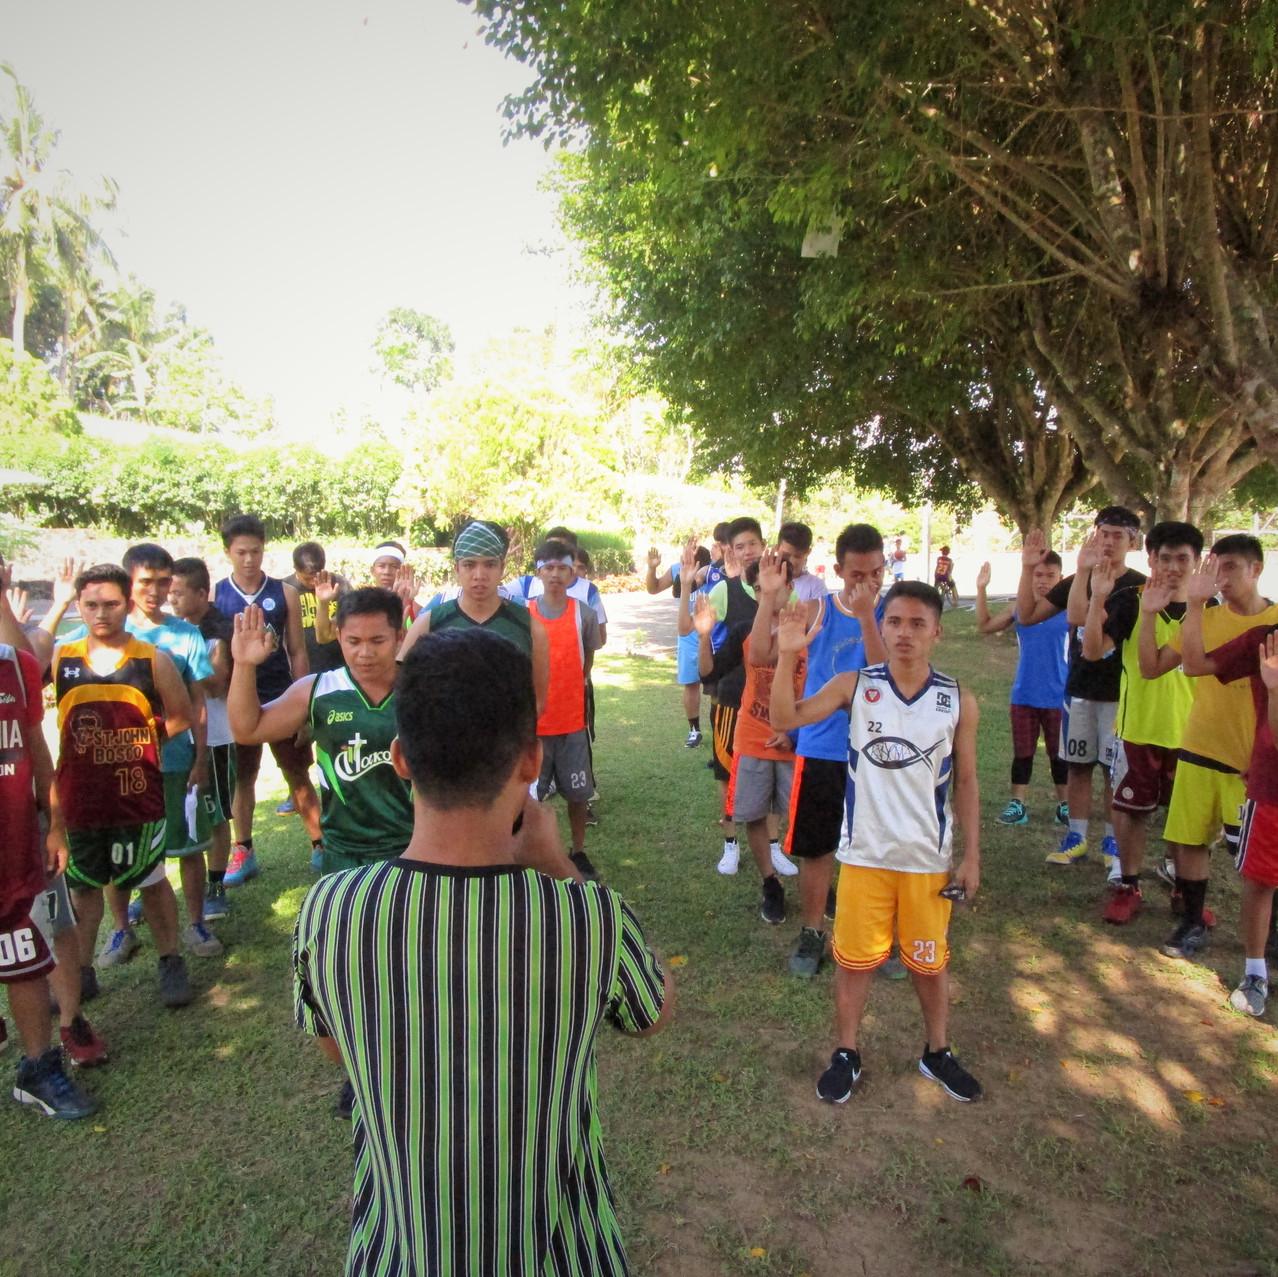 2018-06-15 - Calbayog City - Sportsfest (4)